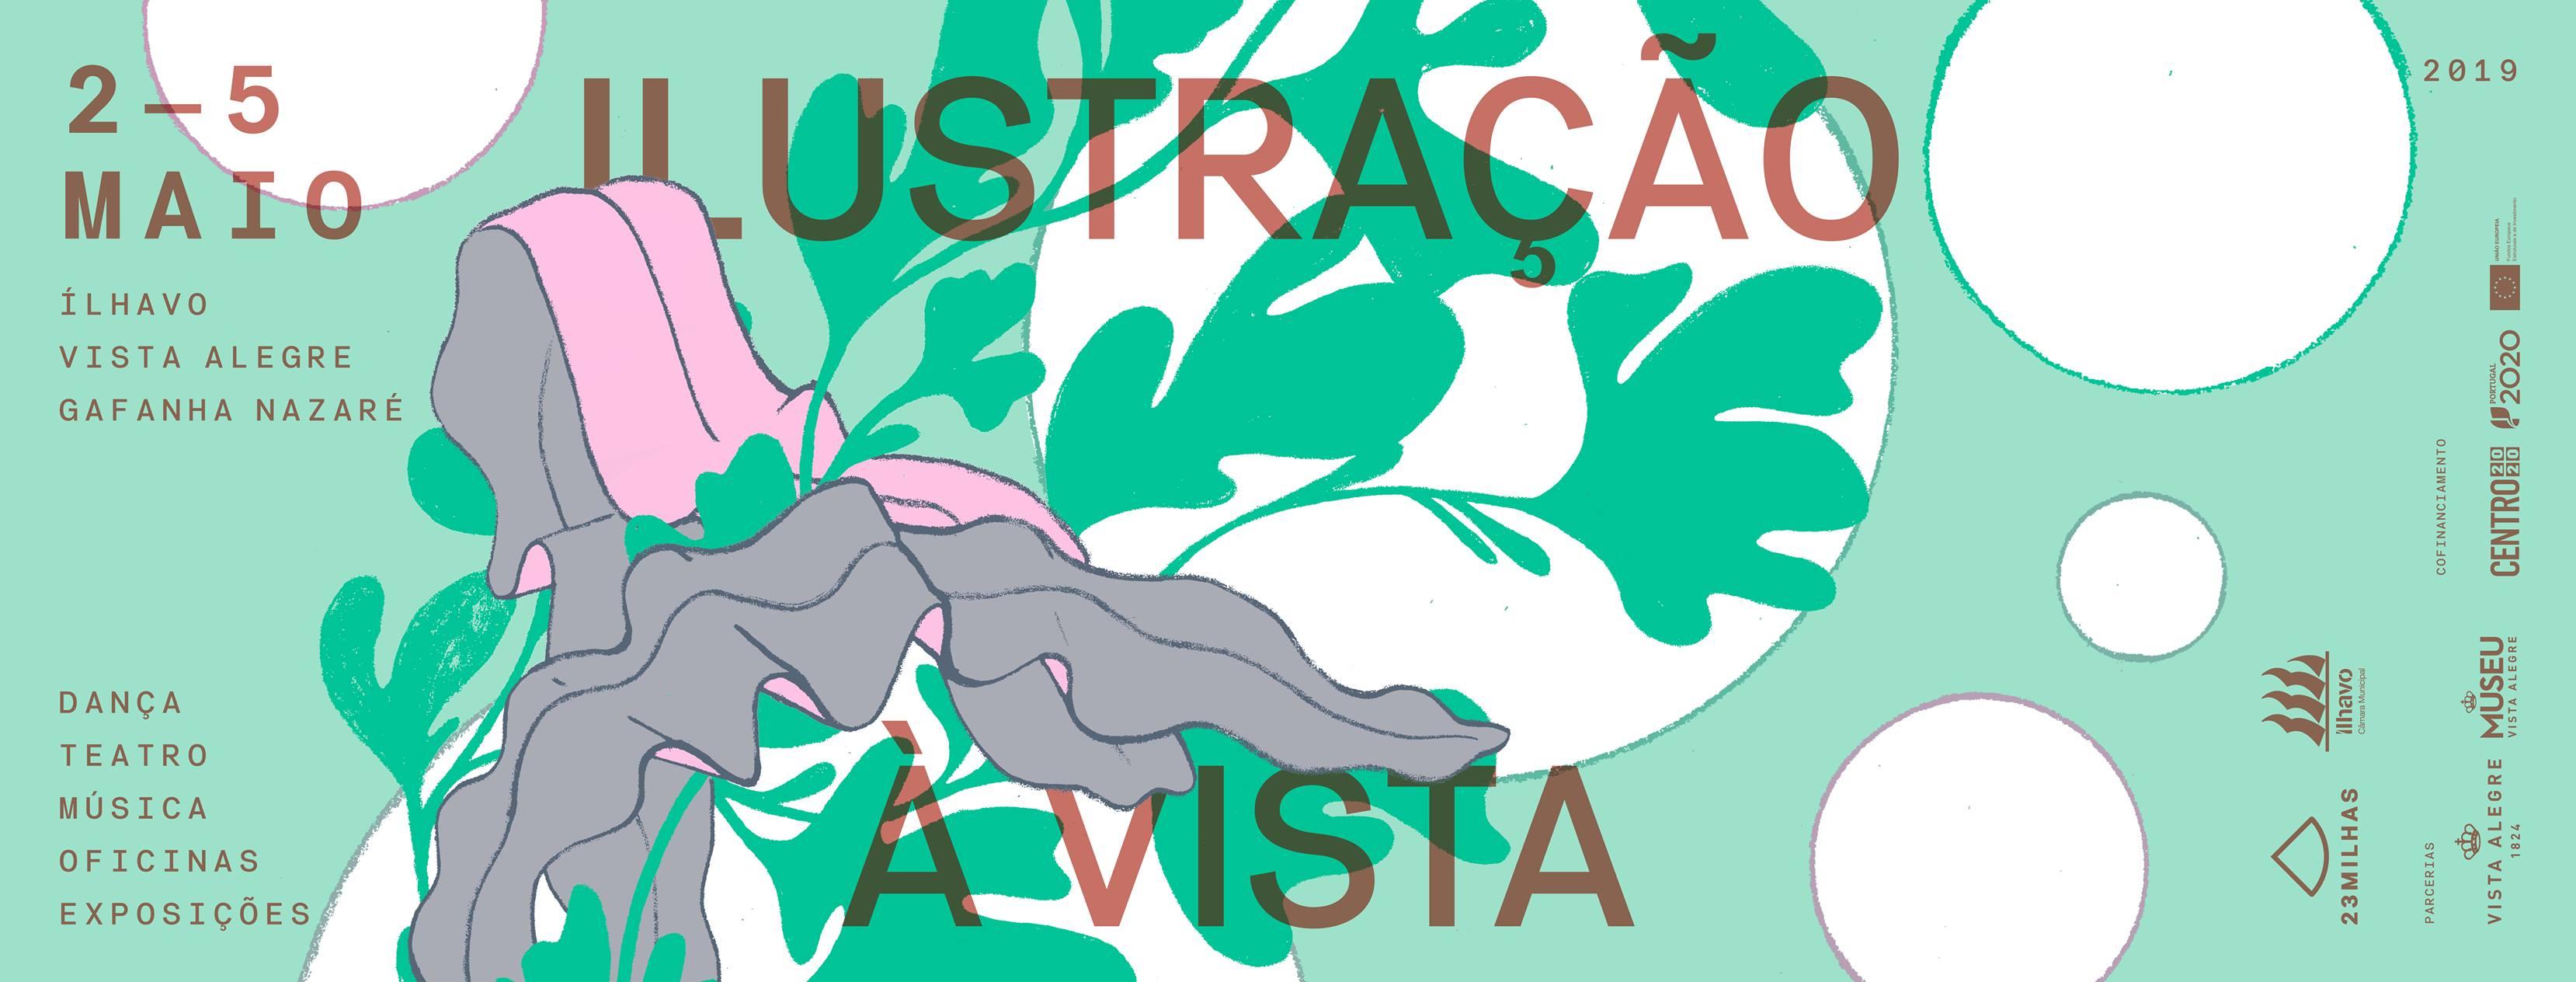 Ilustração à Vista